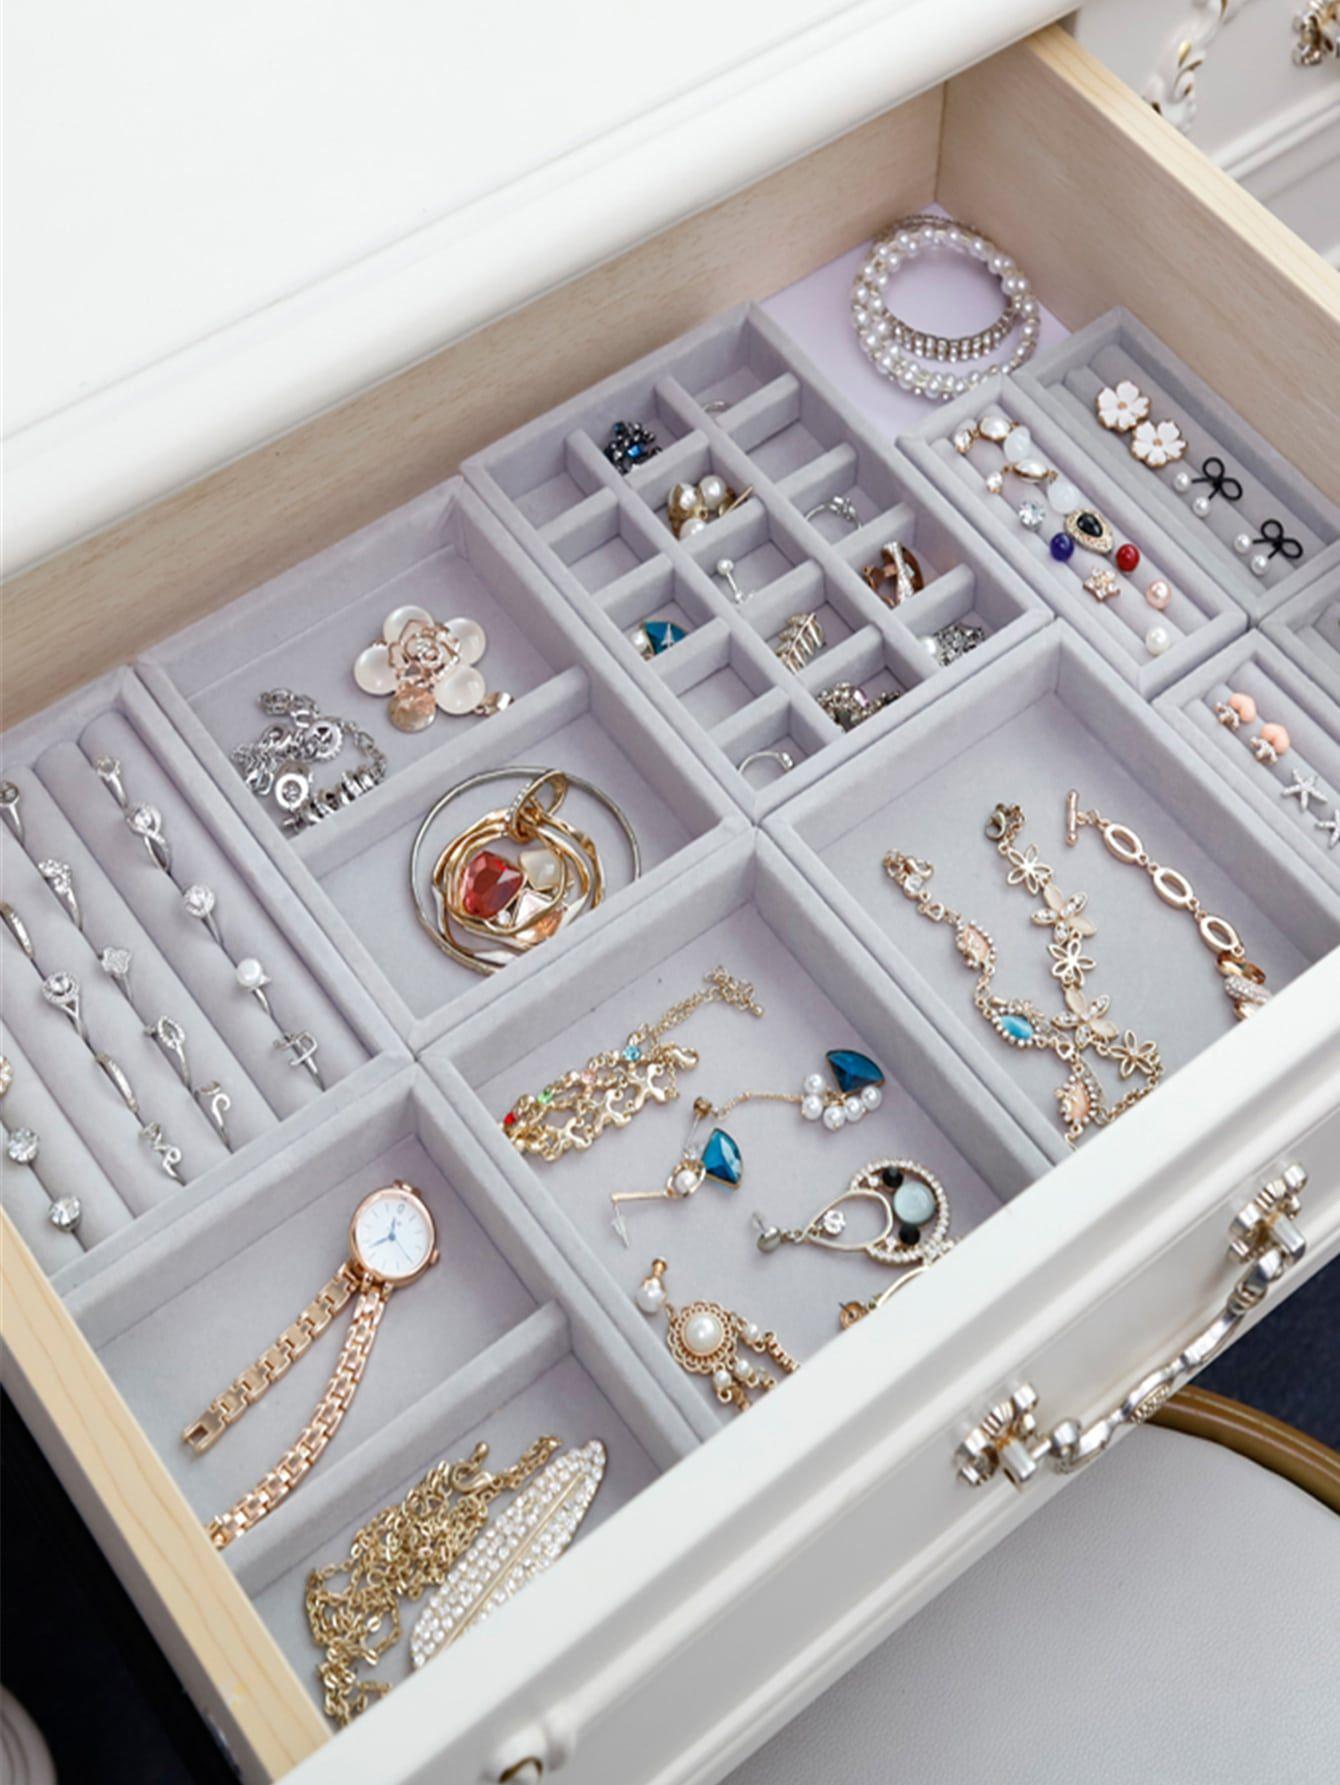 1pc Solid Jewelry Storage Box In 2020 Jewellery Storage Girly Room Decor Jewelry Organizer Drawer